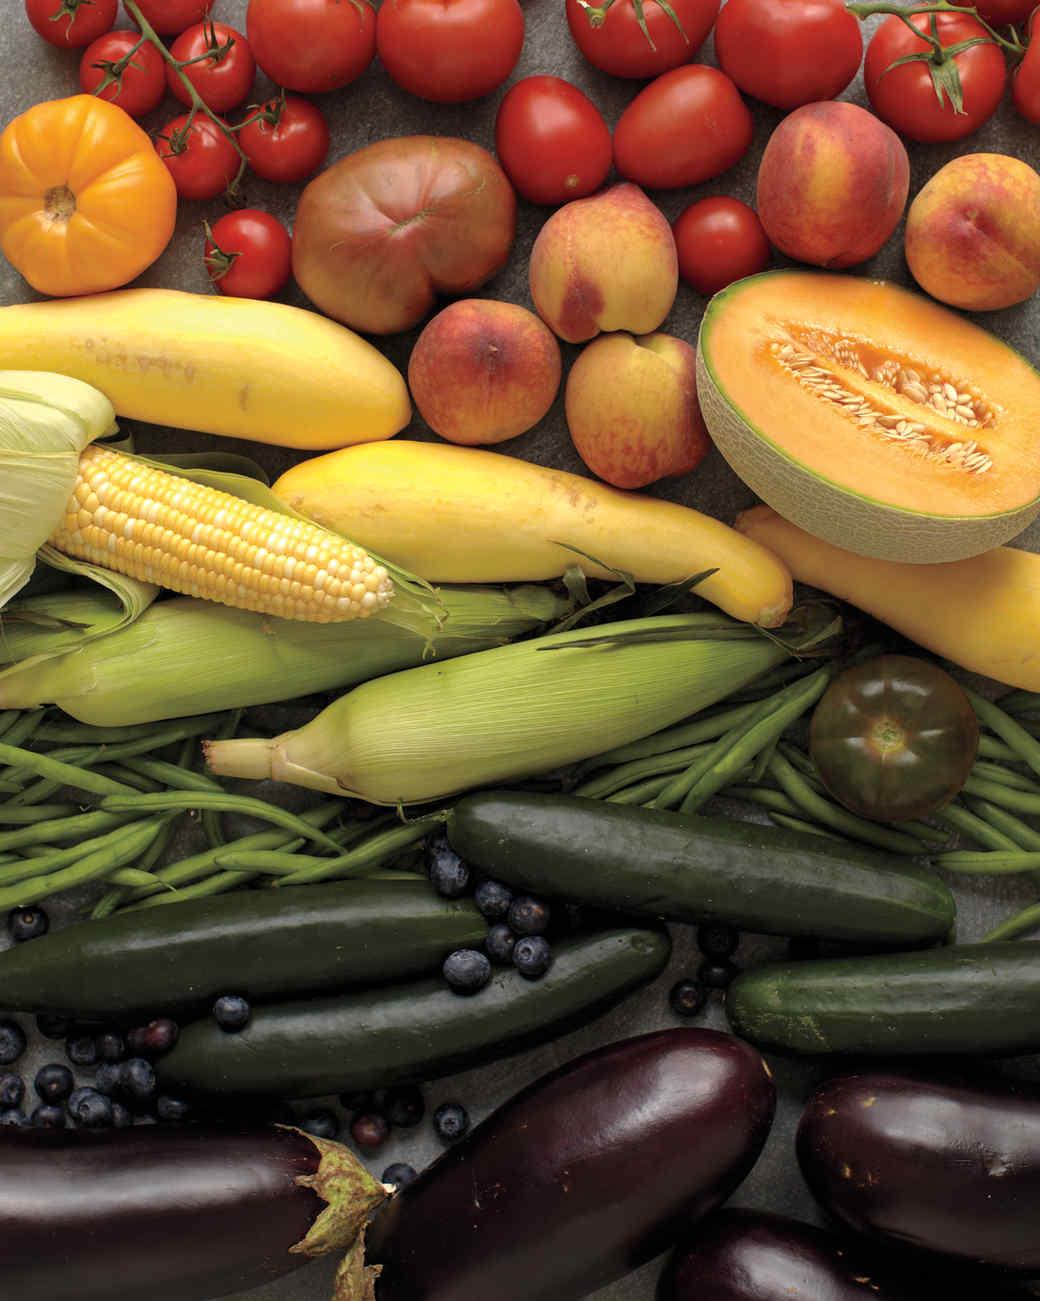 produce-opener-med108826.jpg